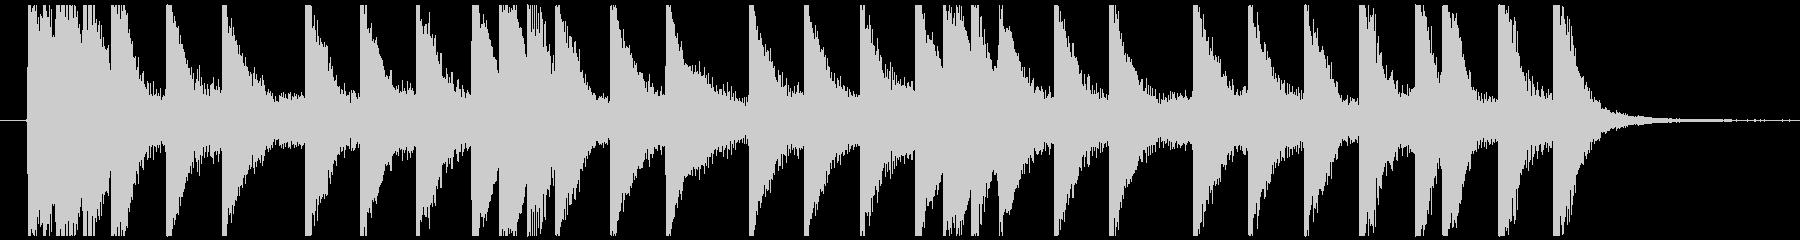 マリンバによるボップなジングル・キャッチの未再生の波形